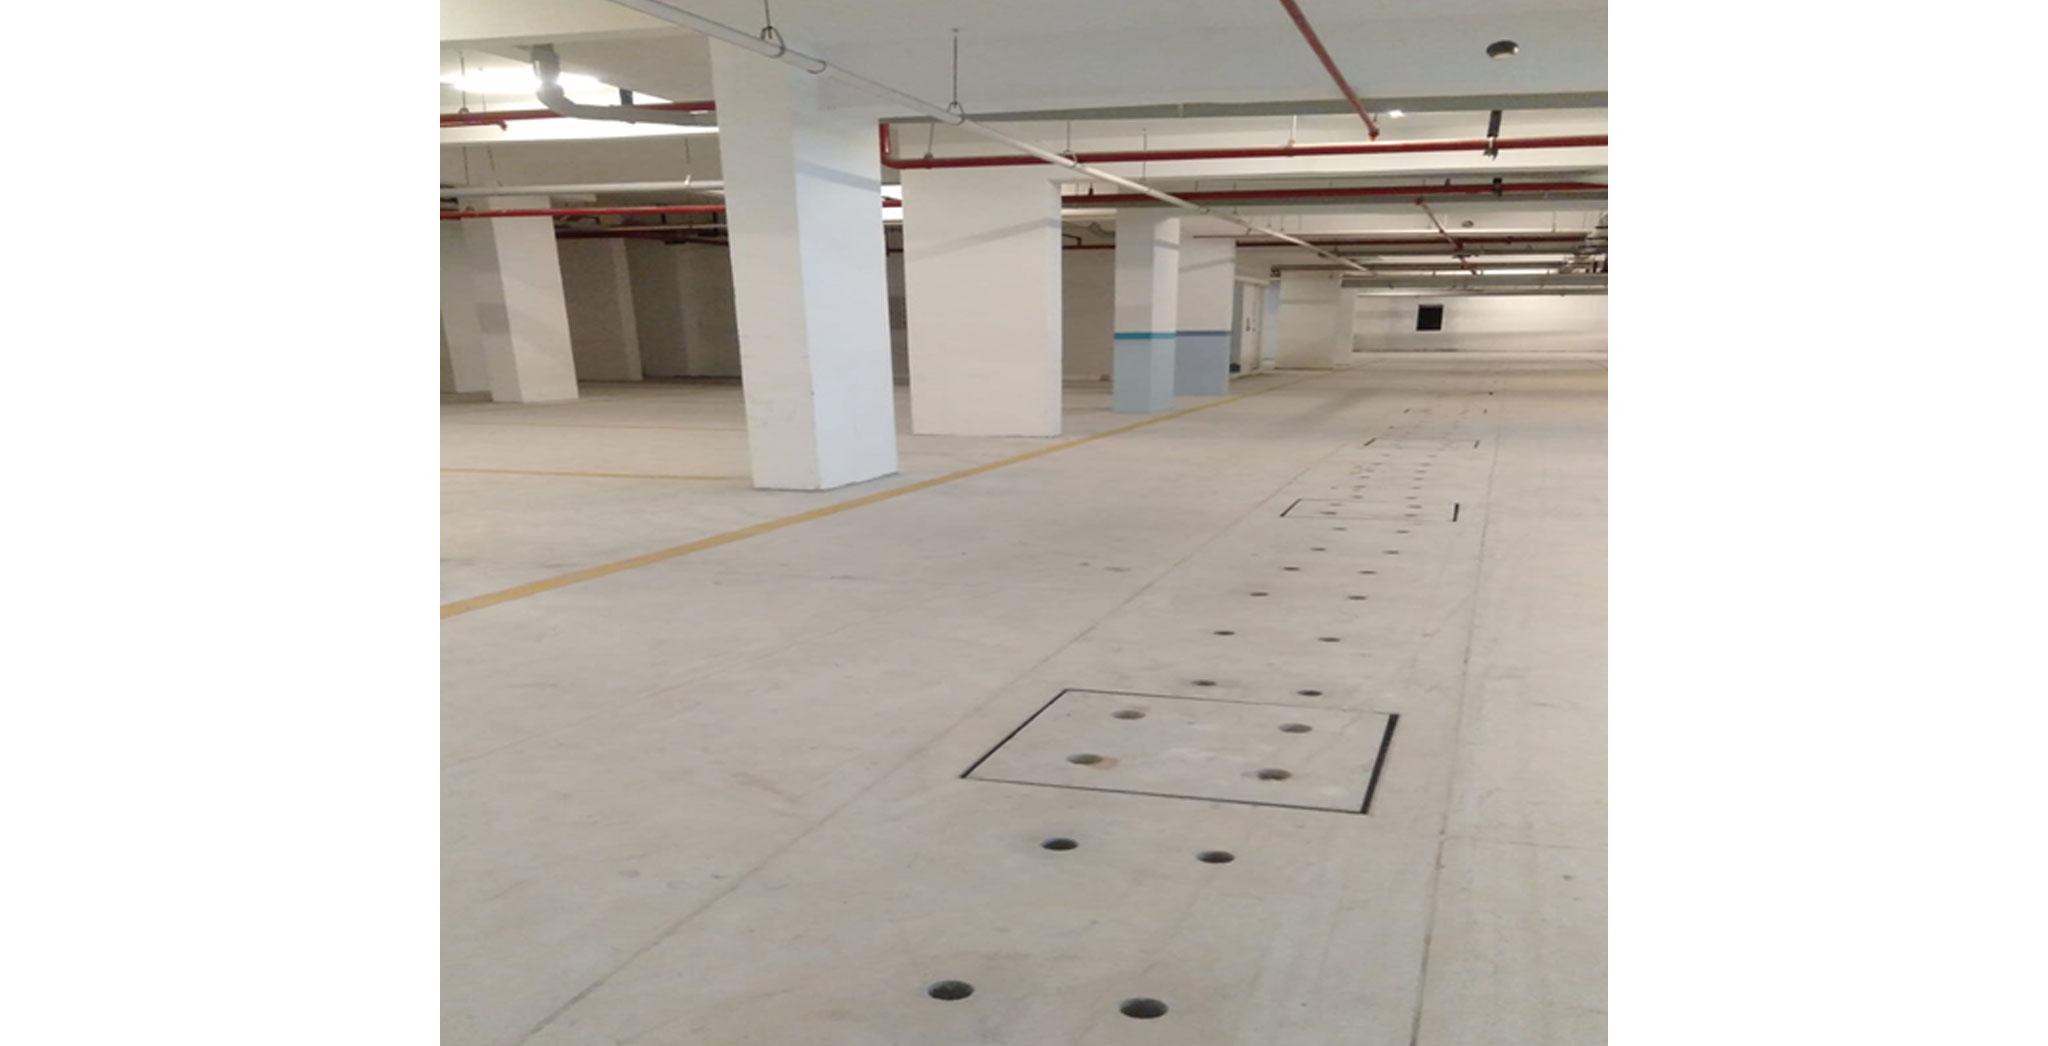 Jul 2021 - Basement VDF, MEP works & car park marking completed